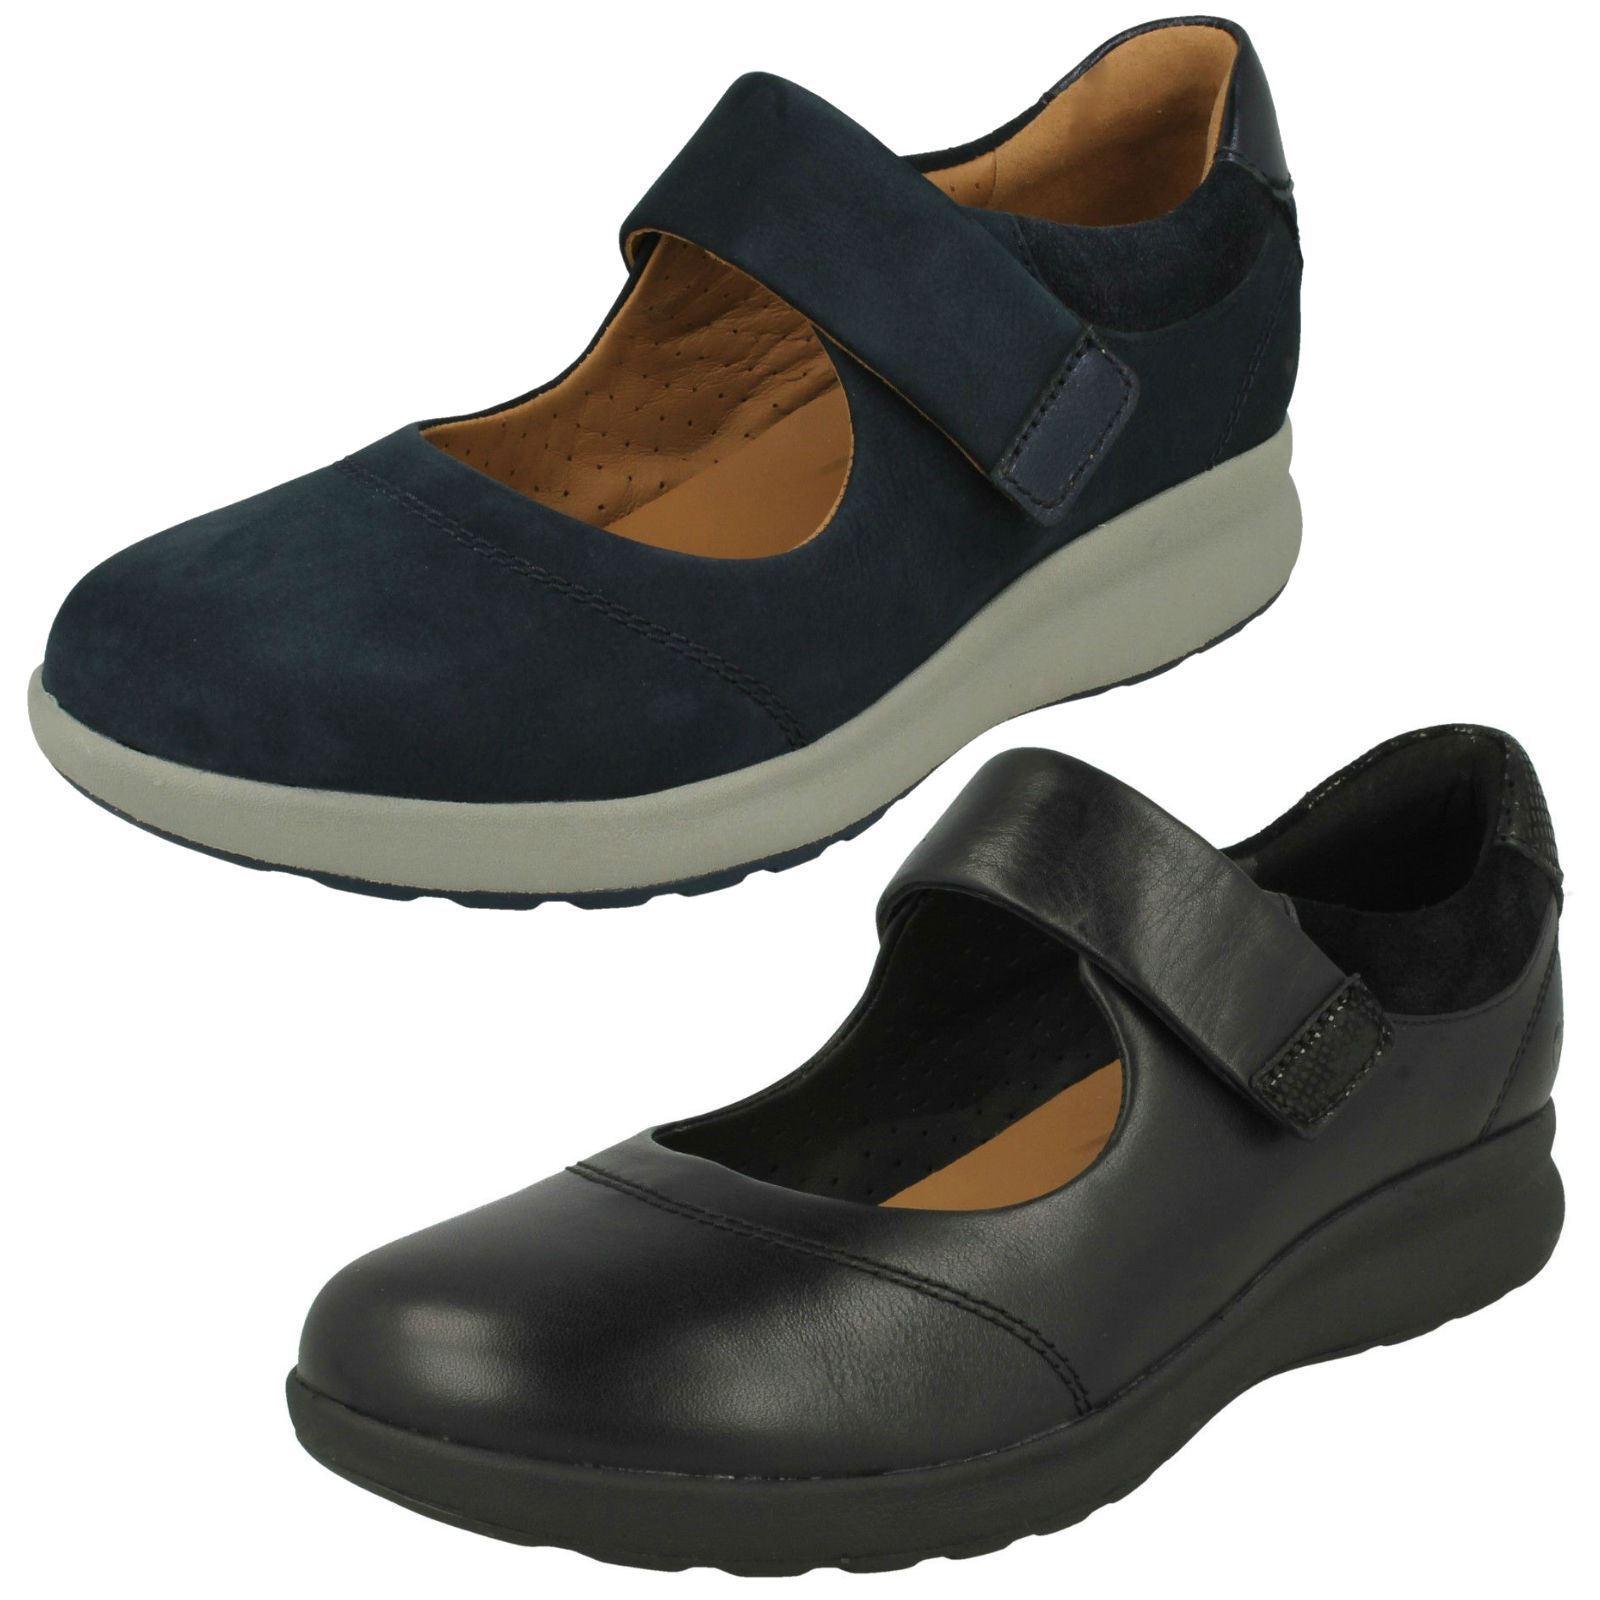 Ladies Clarks Casual Flat Mary Jane scarpe - Un Adorn  Strap  al prezzo più basso